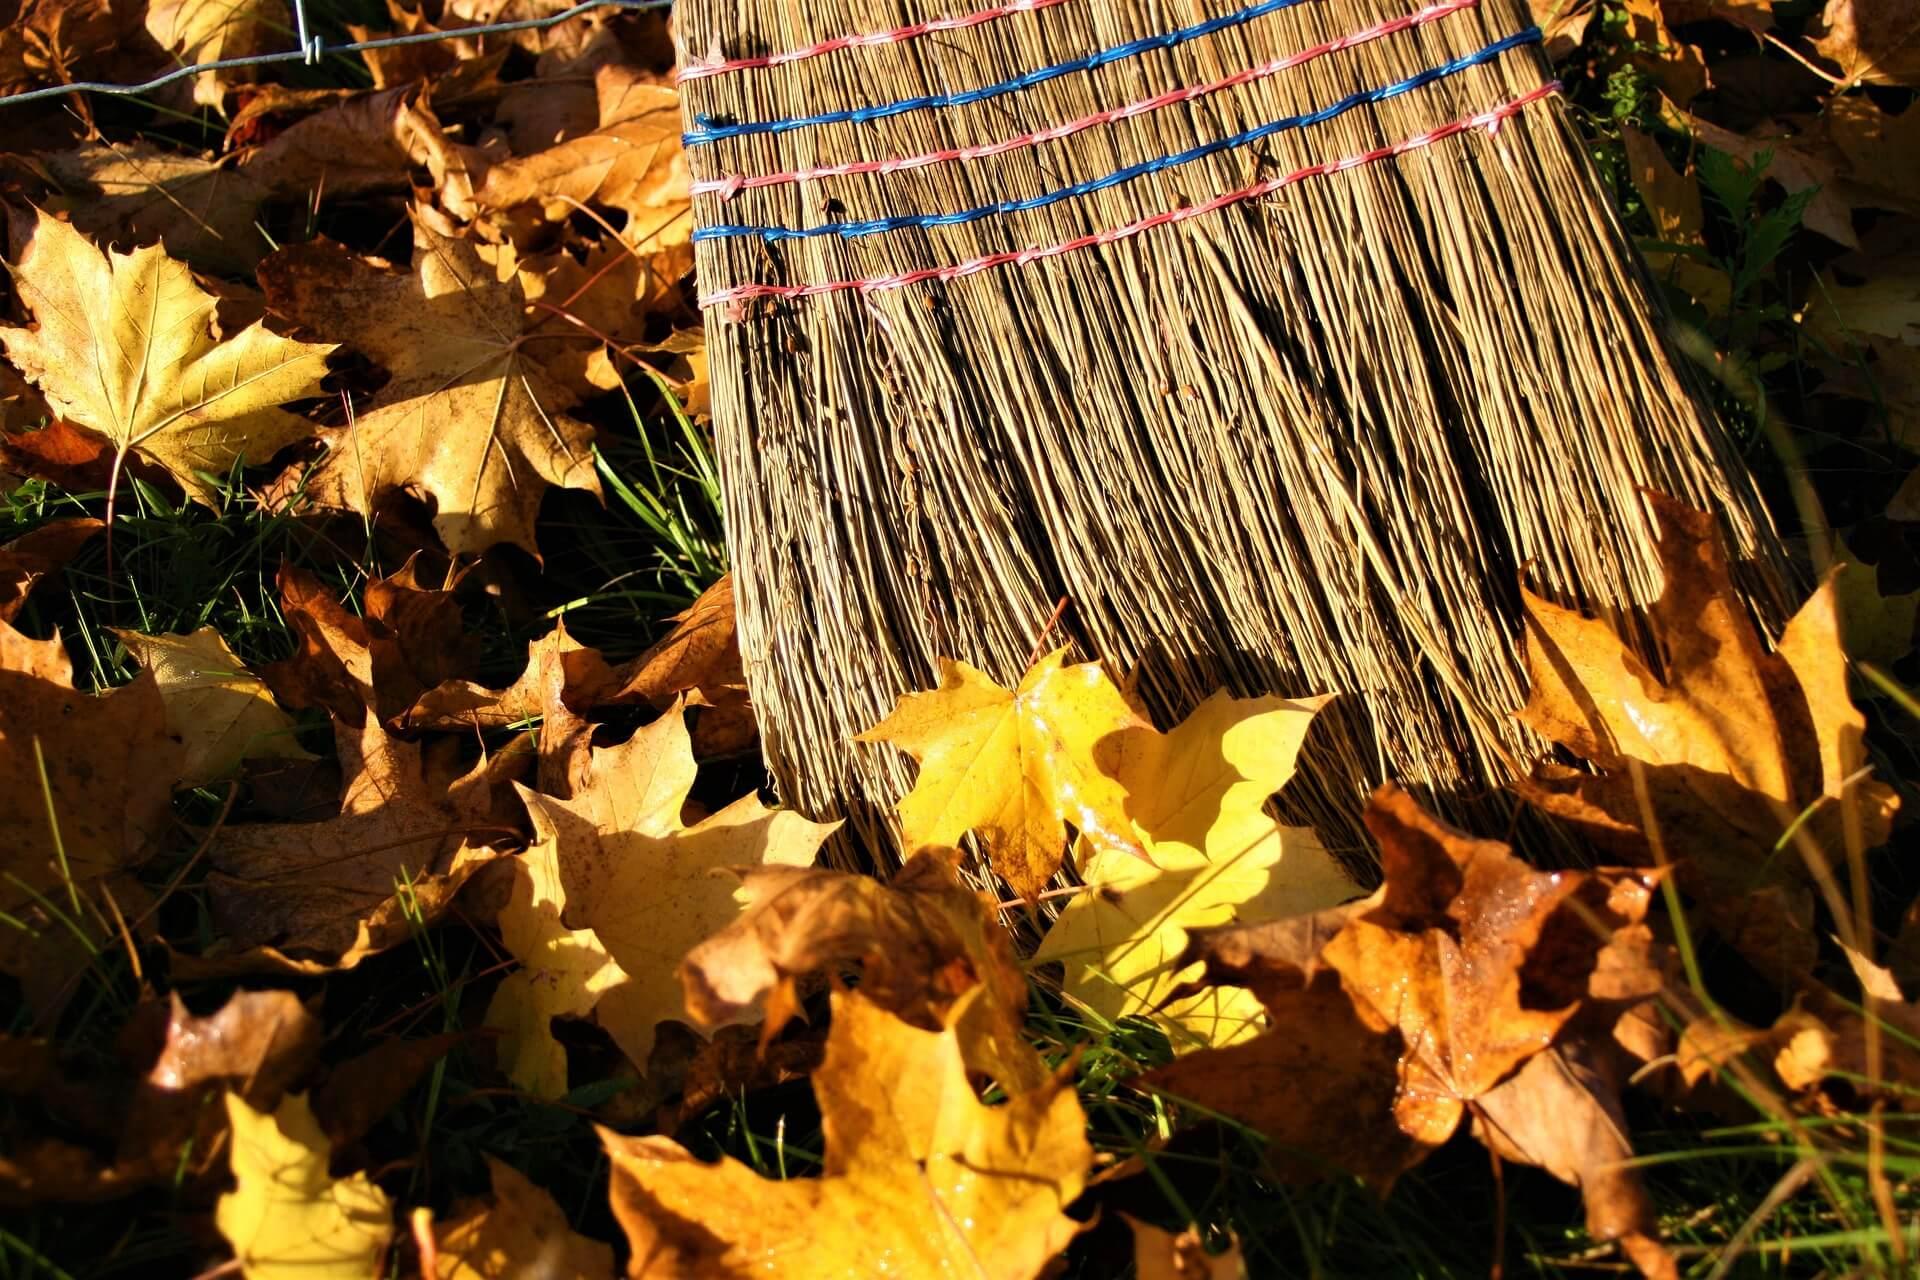 L'automne arrivée, se préparer pour l'hiver.